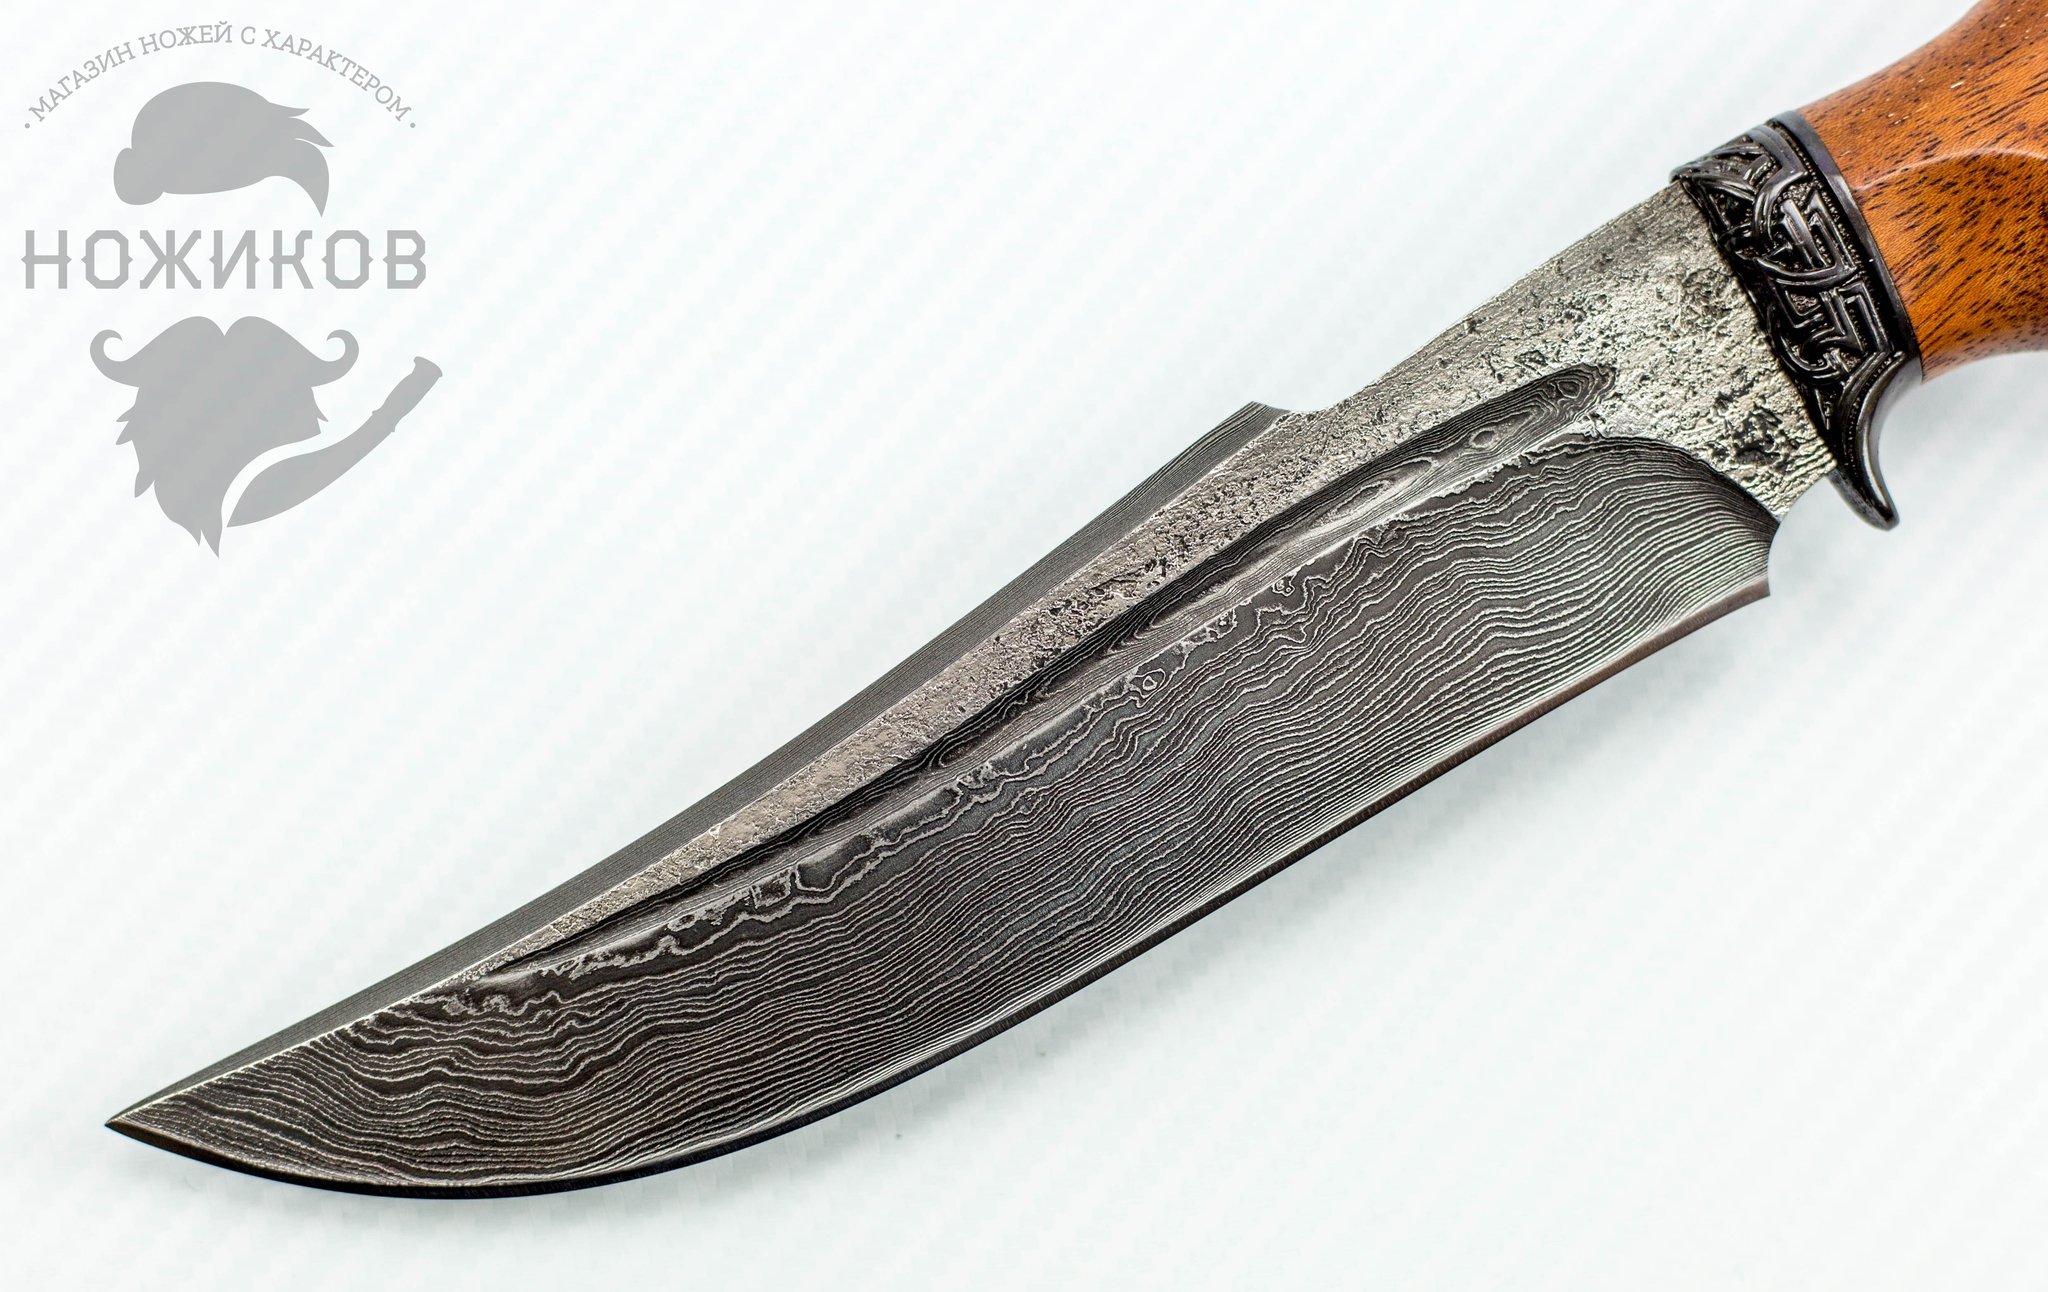 Фото 2 - Авторский Нож из Дамаска №82, Кизляр